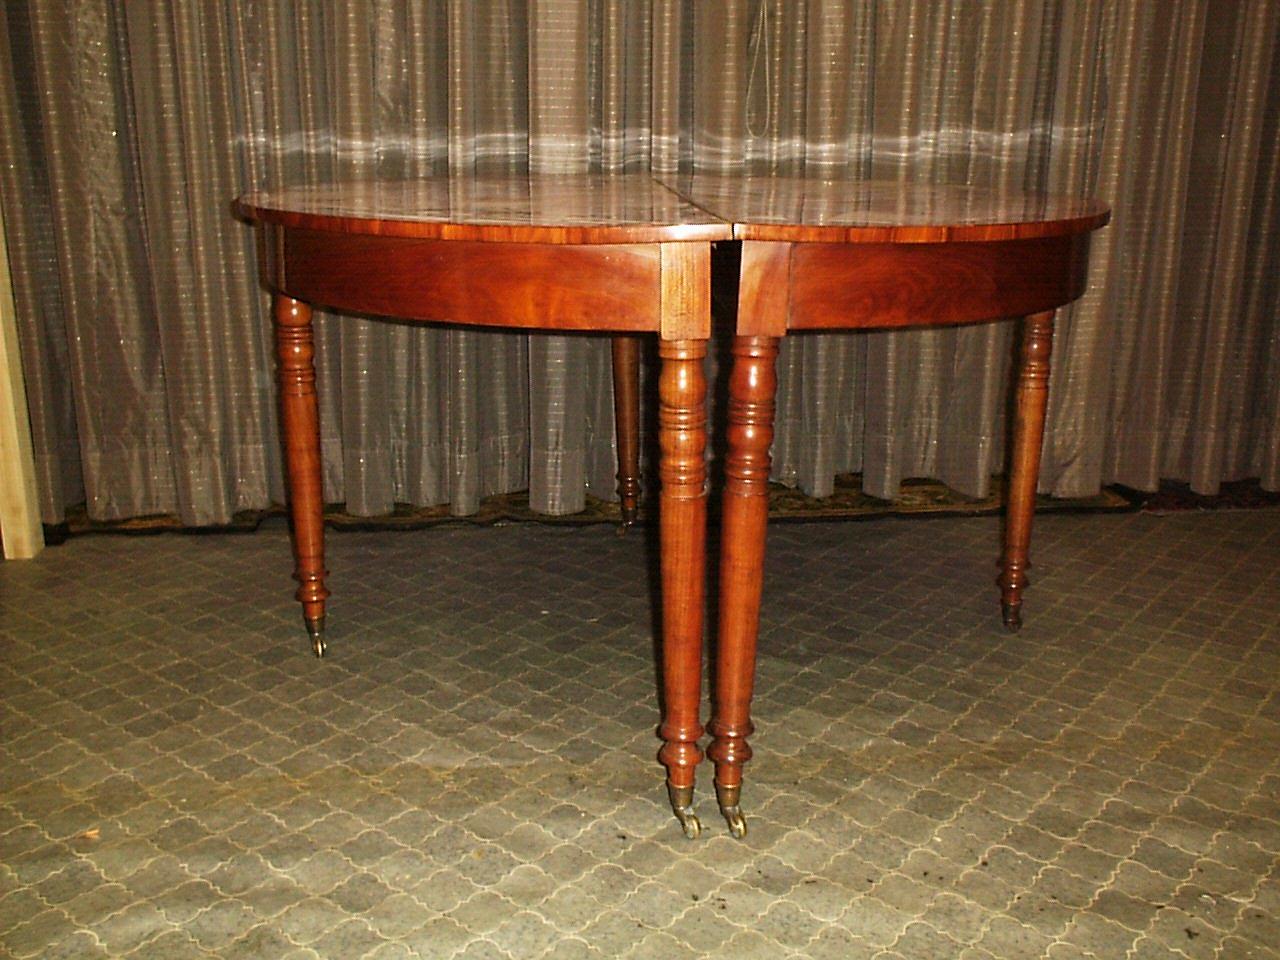 Teilbarer Esstisch aus Kirsch- und Pflaumenholz